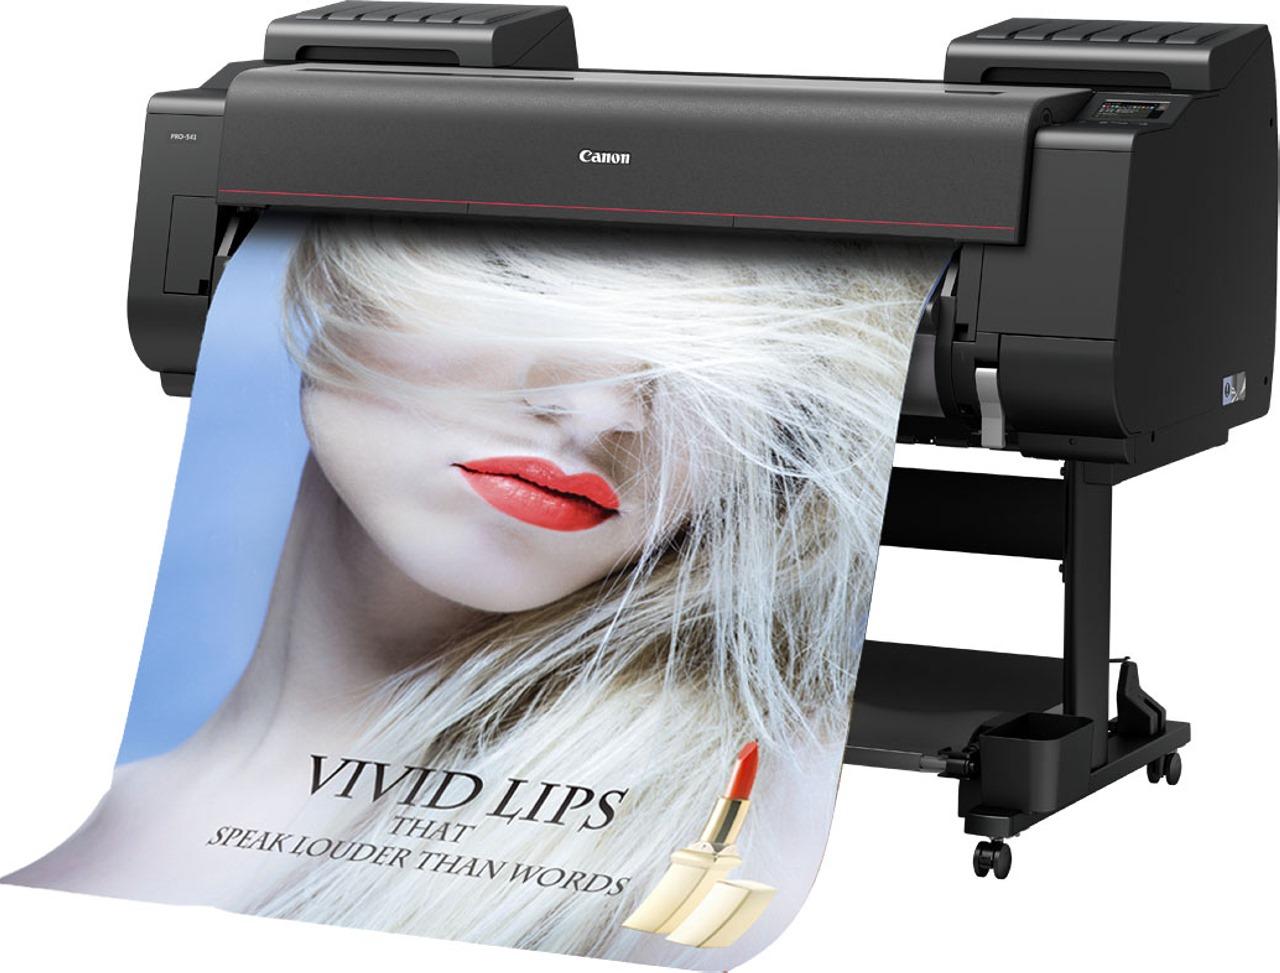 Canon ra mắt loạt máy in chuyên nghiệp khổ lớn imagePROGRAF PRO Series tại Việt Nam: chuyên in poster, standee, giá dự kiến từ 140 triệu đồng